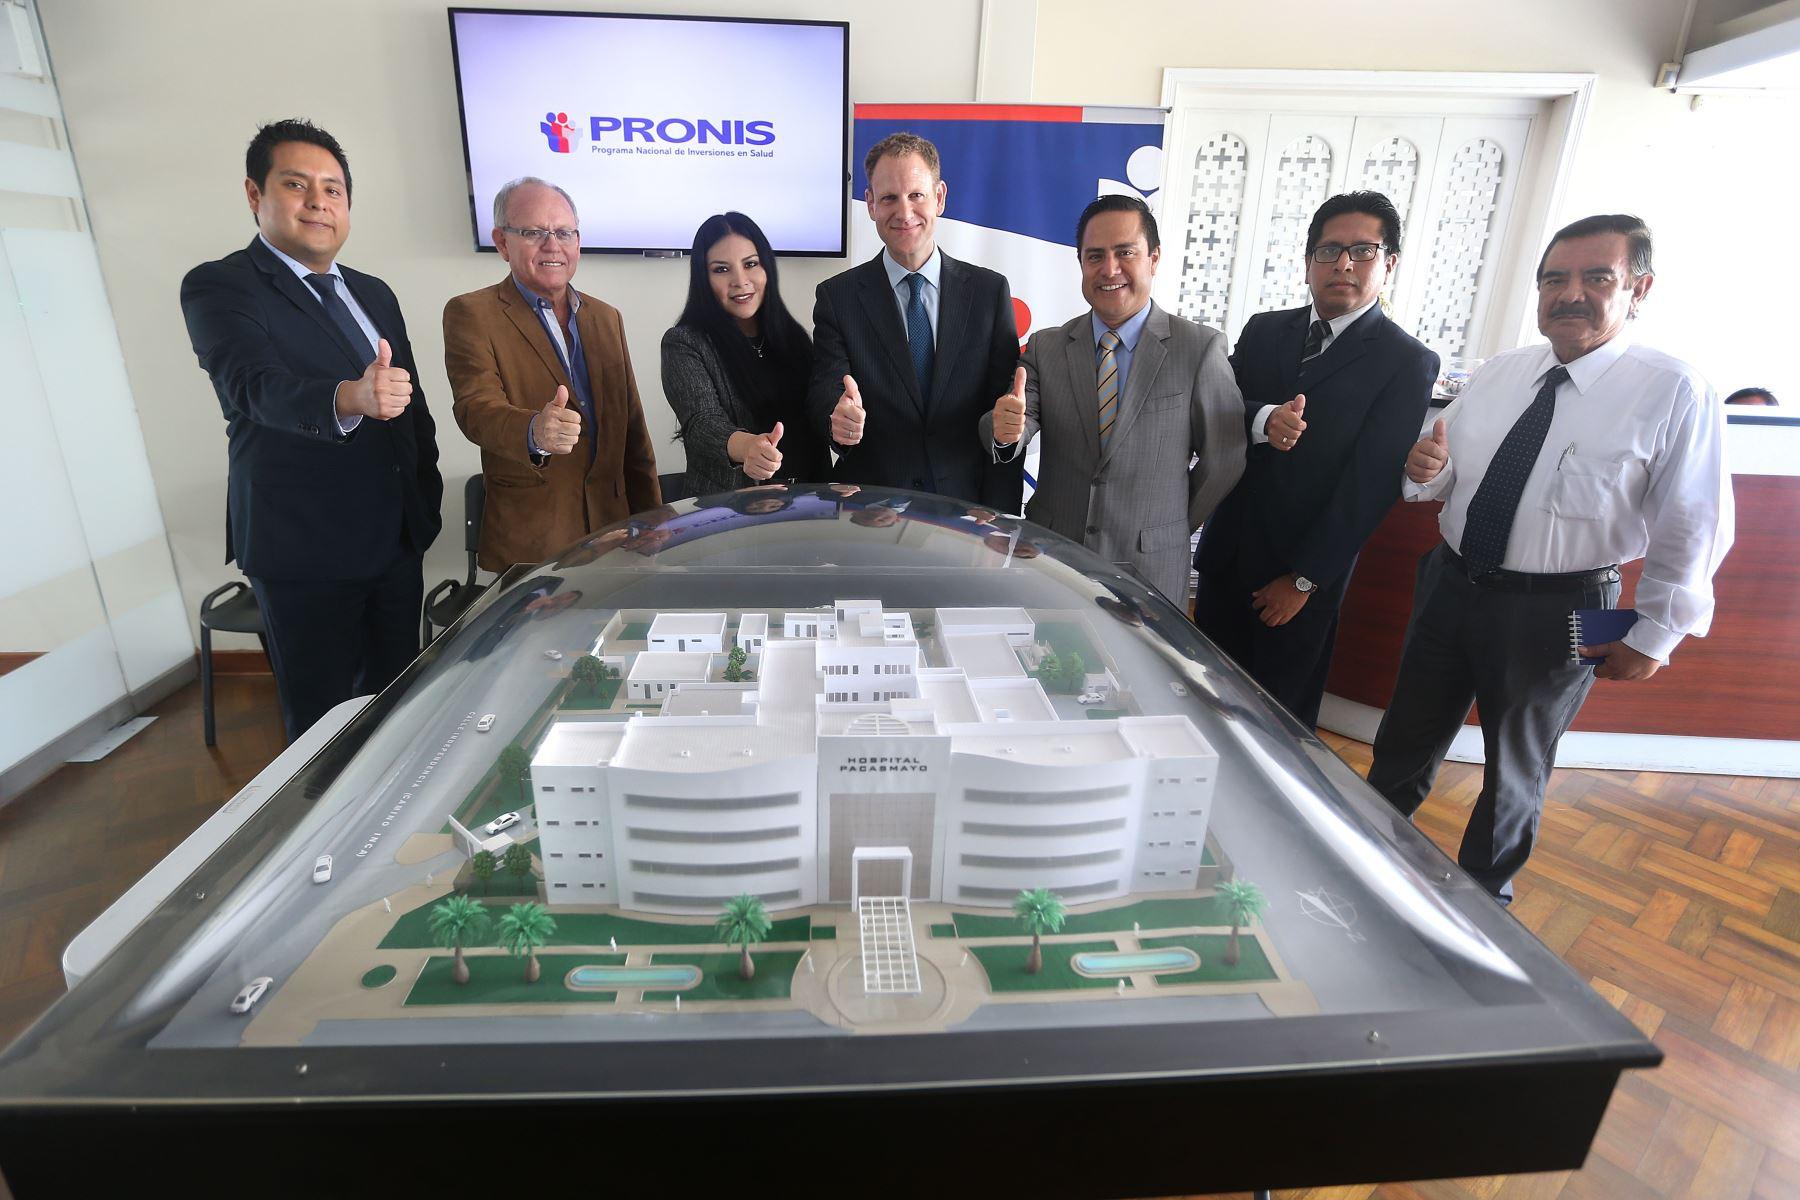 Firman contrato para construcción de nuevo hospital en Pacasmayo, en La Libertad.